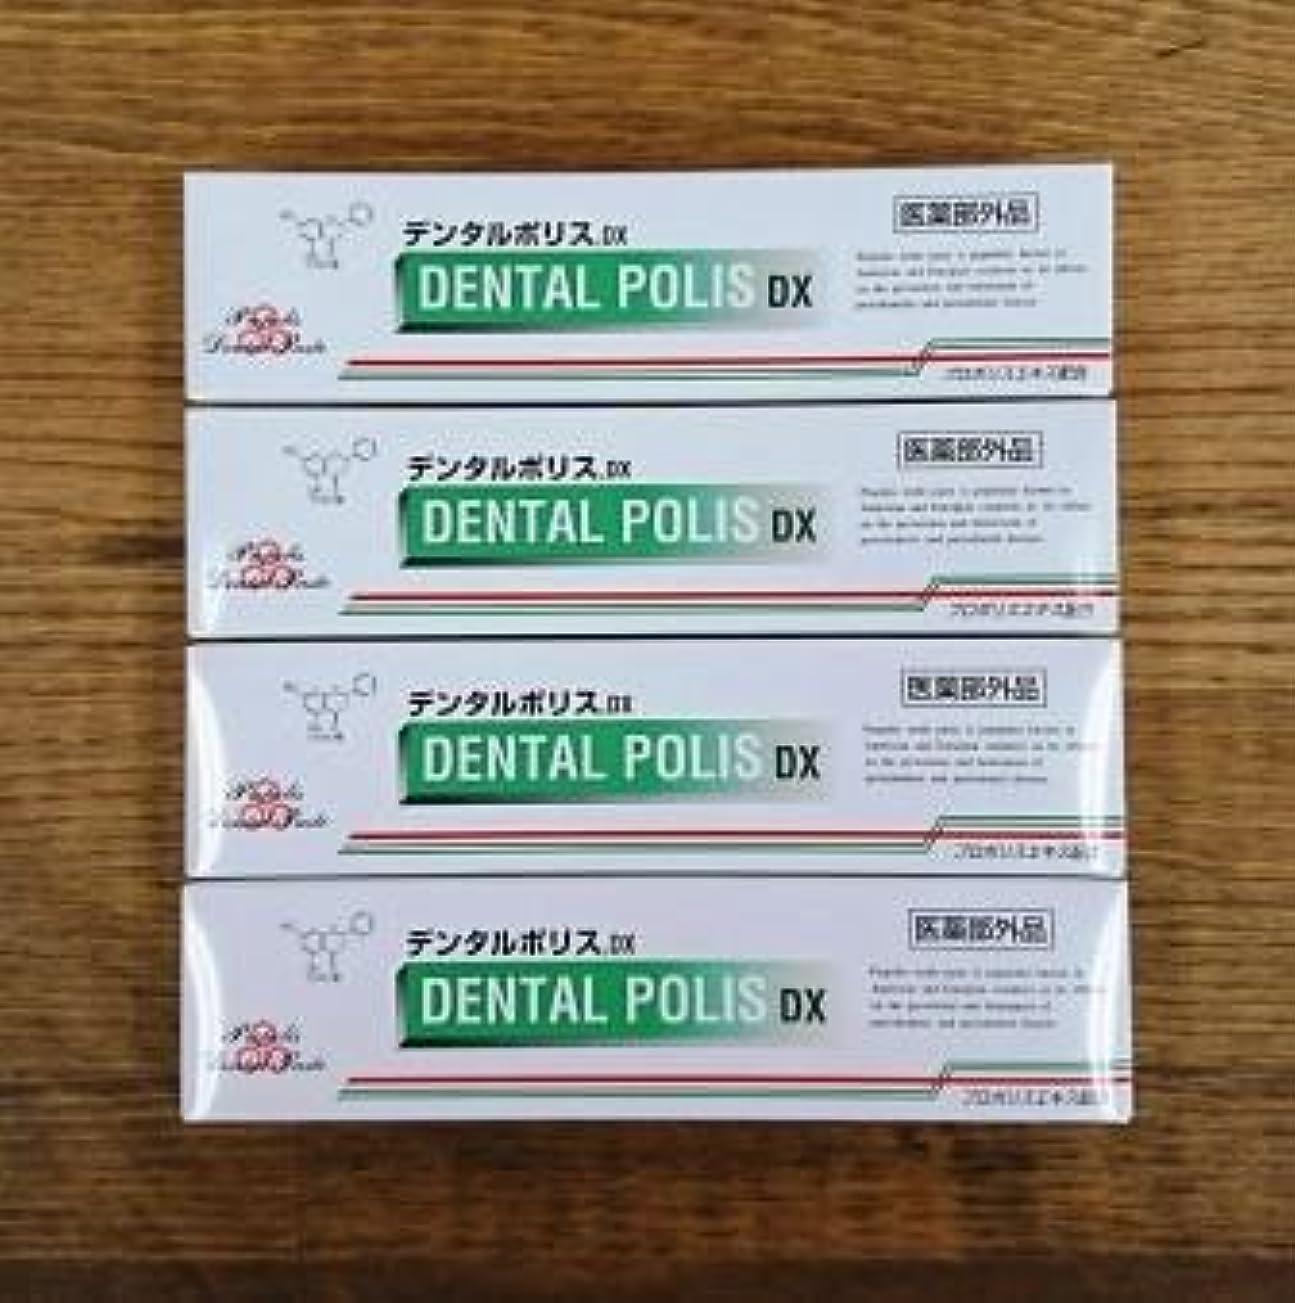 ディスコ刈り取る並外れたデンタルポリスDX80g×4本セット 医薬部外品  歯みがき